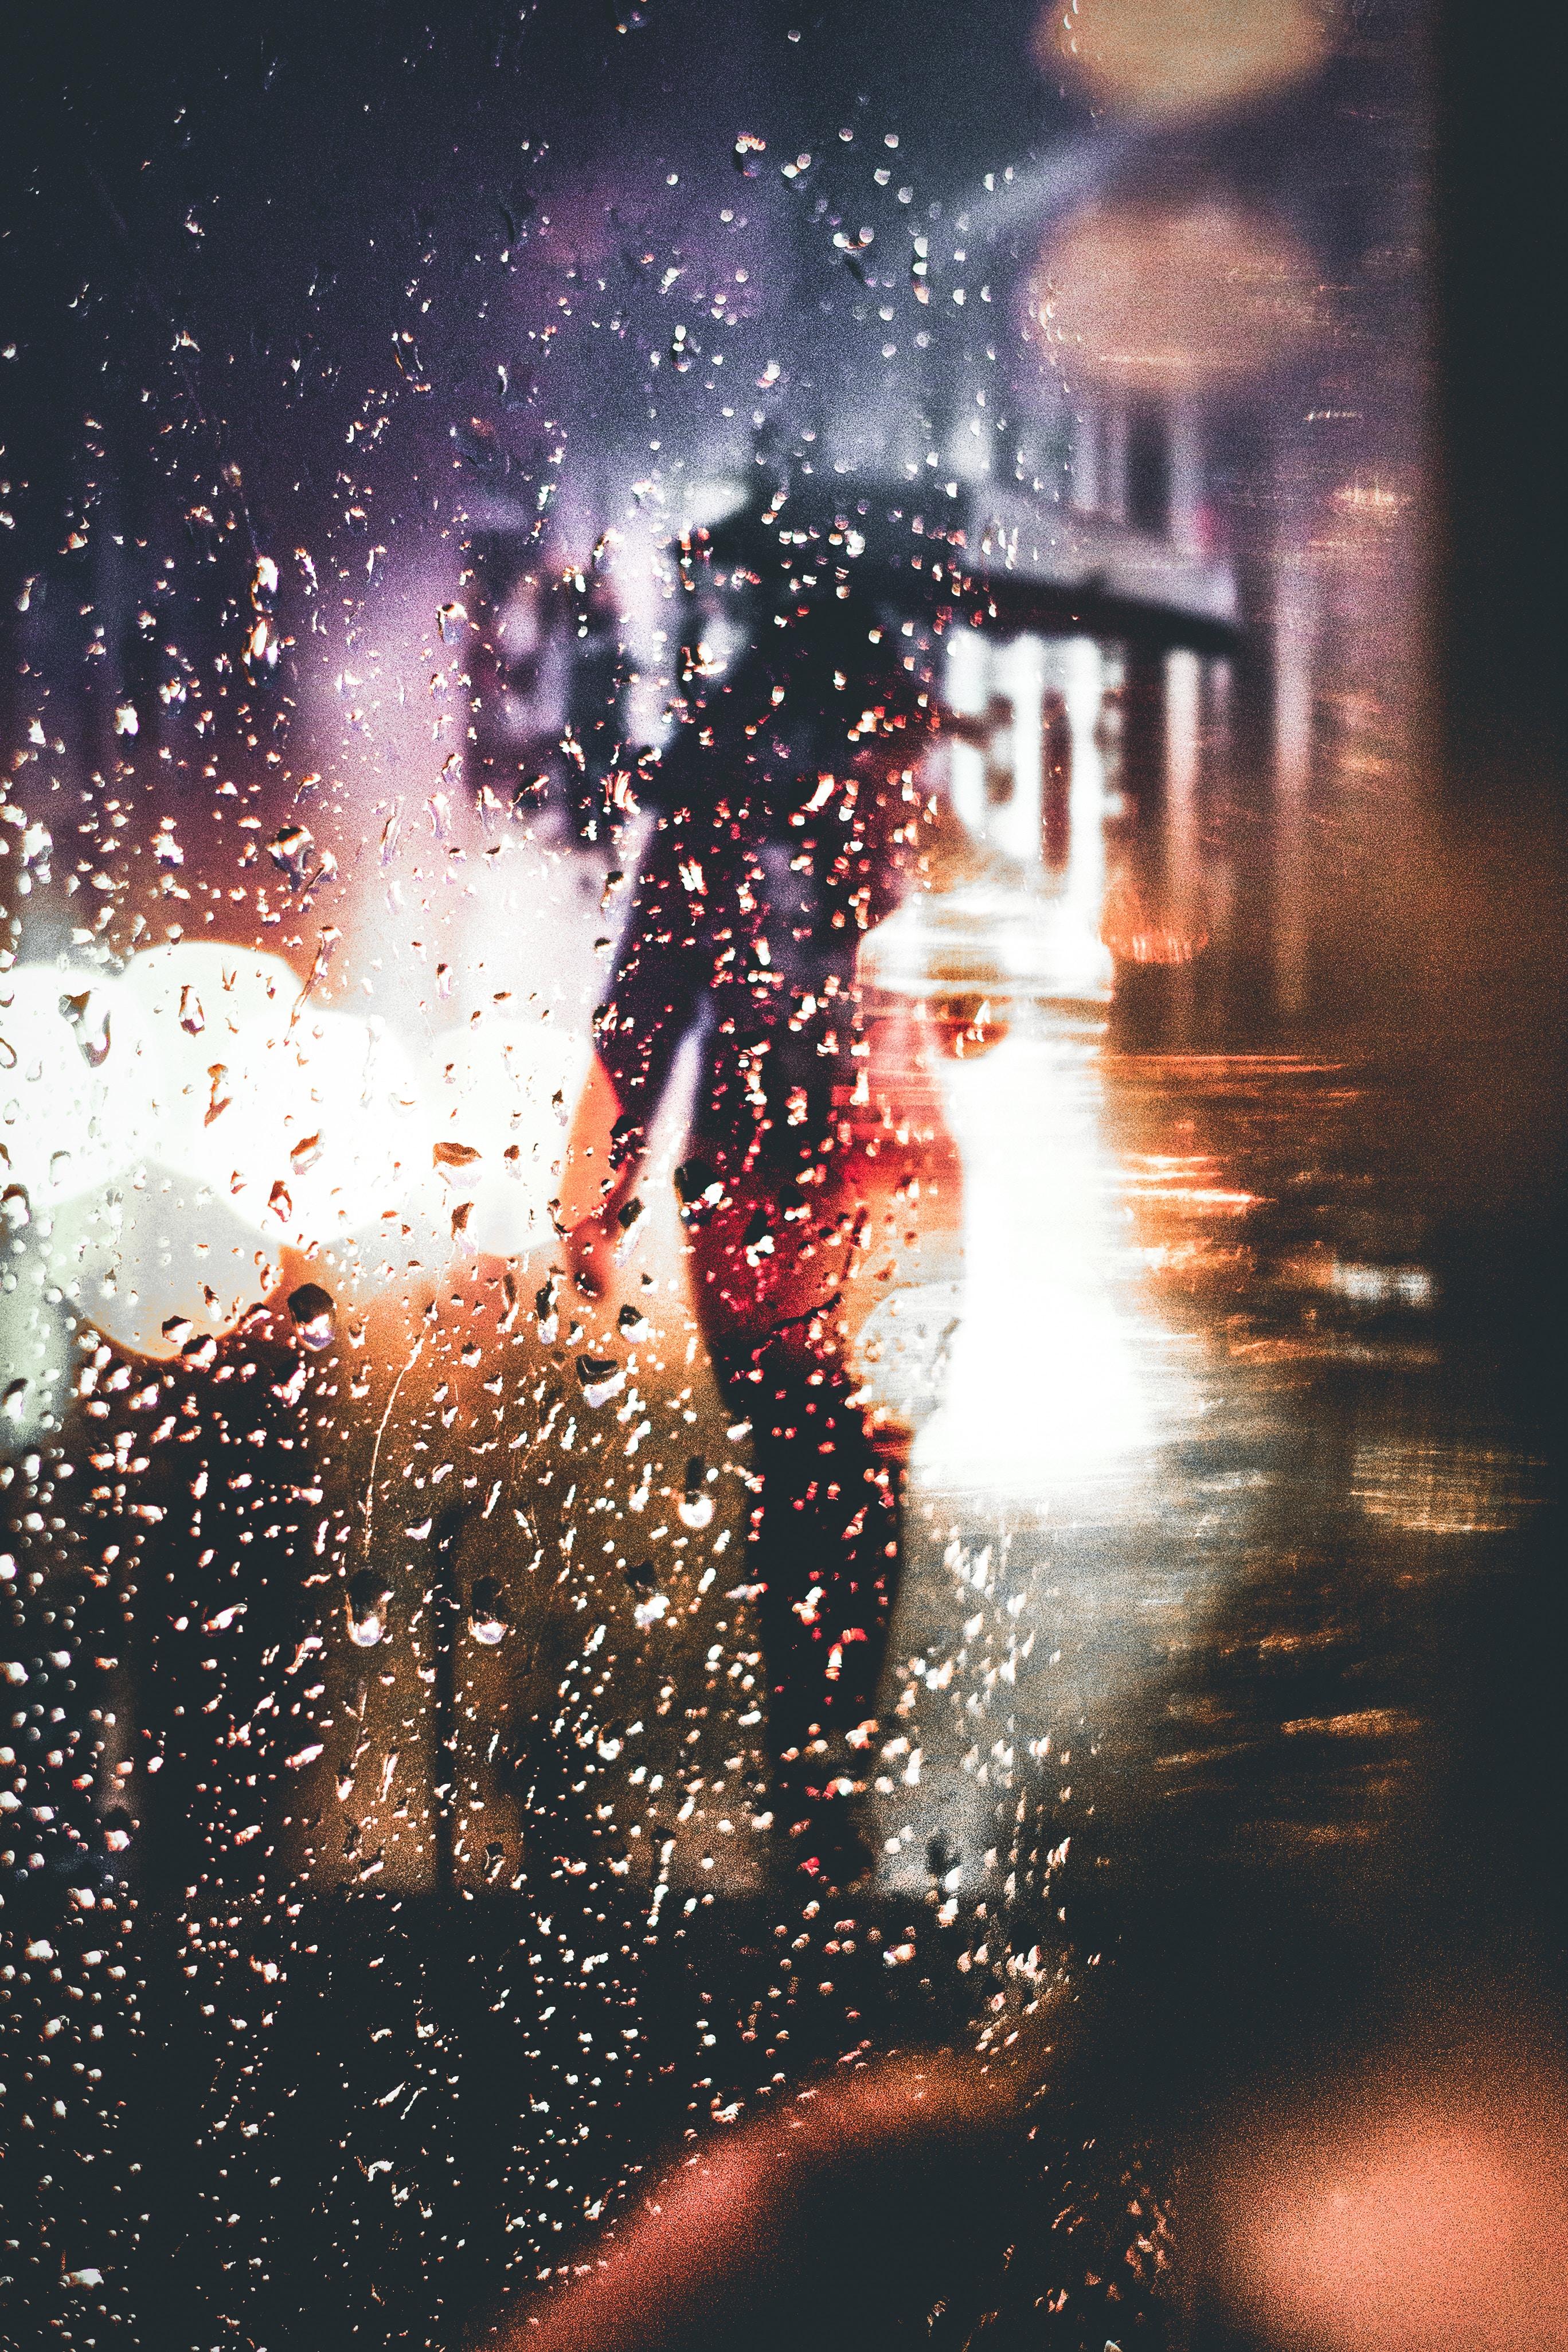 97041 скачать обои Дождь, Капли, Макро, Силуэт, Размытость - заставки и картинки бесплатно